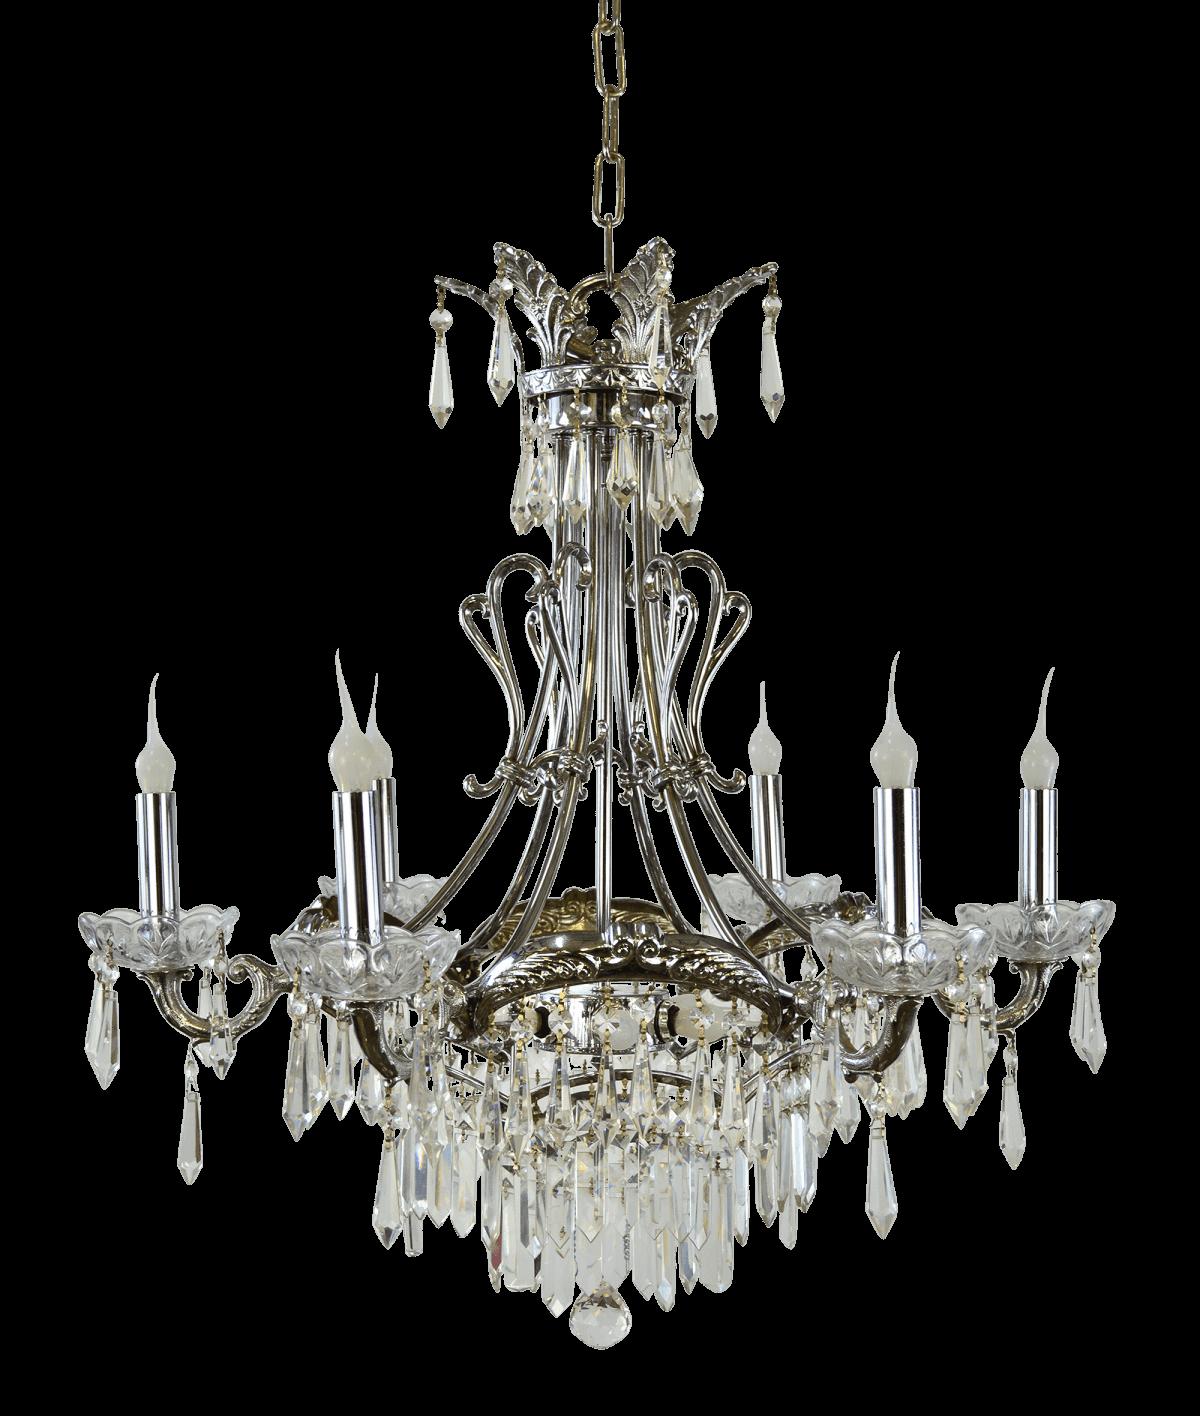 Lights clipart transparent background. Vintage chandelier png stickpng